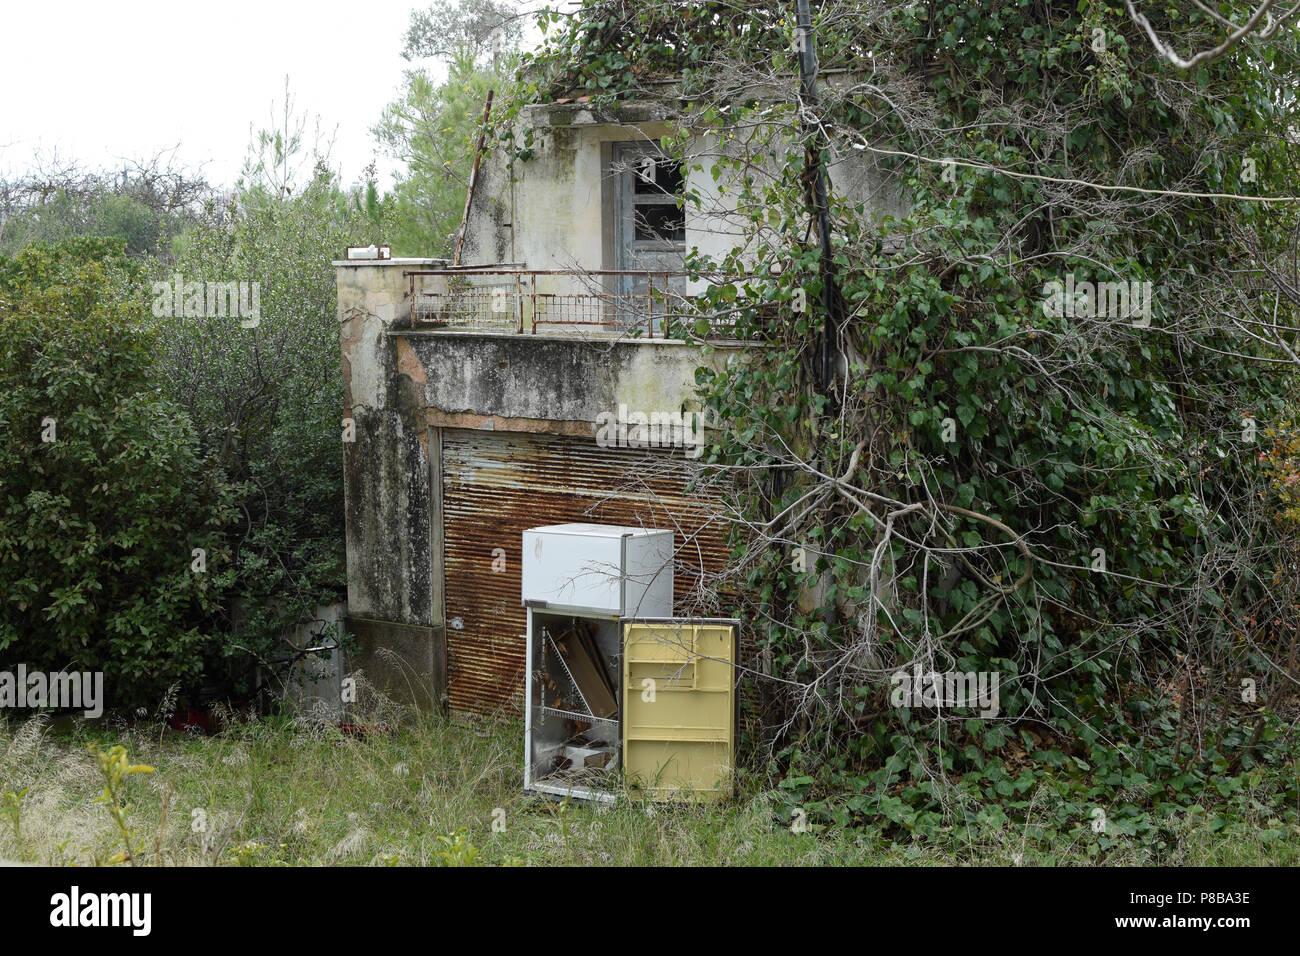 Casa abbandonata superamento da parte della natura e scartato frigo in giardino con piante sovradimensionate. Foto Stock